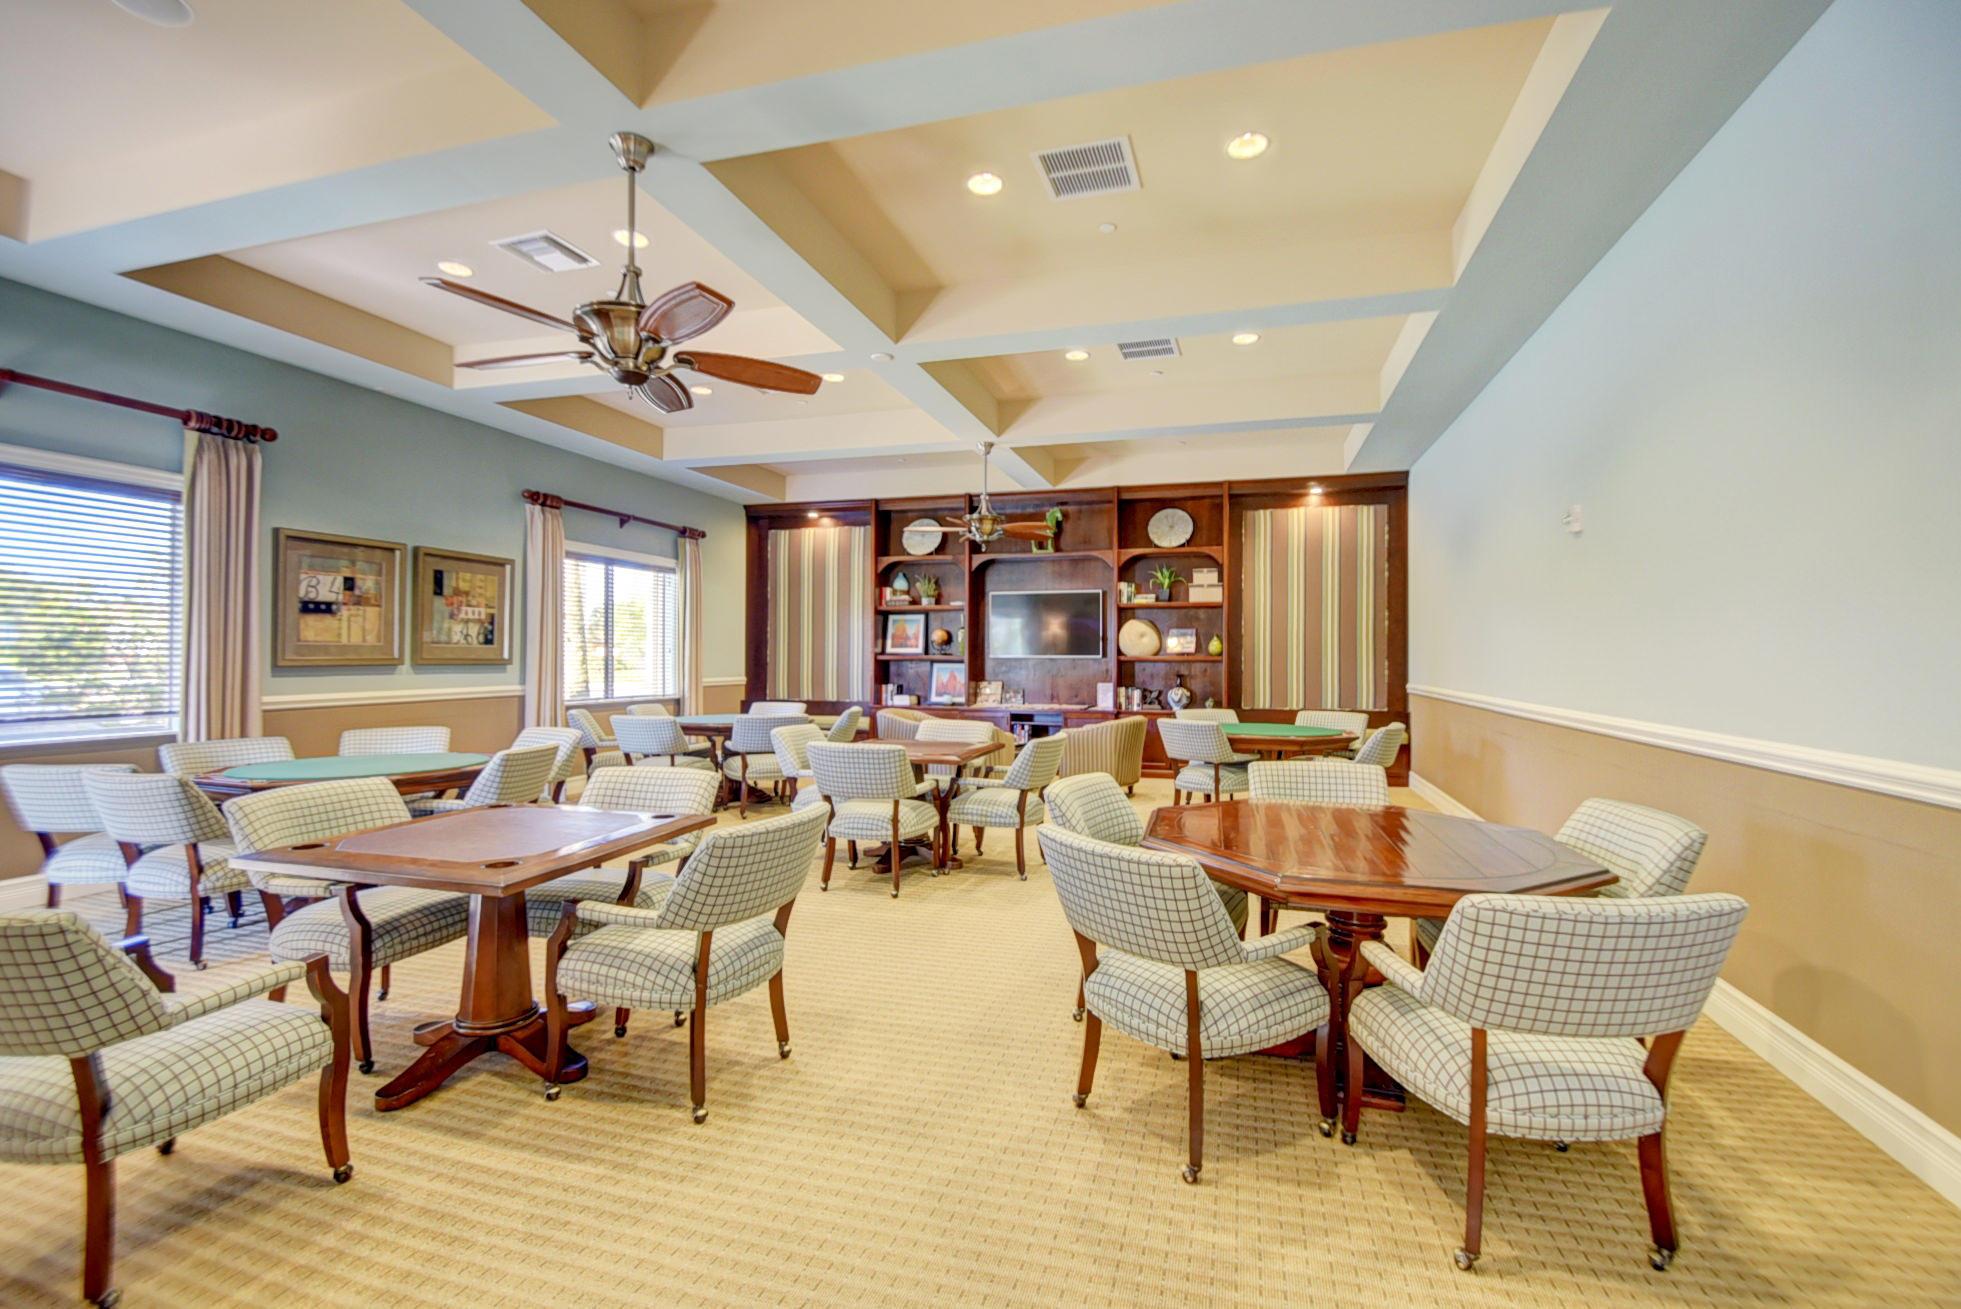 9733 Isles Cay Drive - 33446 - FL - Delray Beach